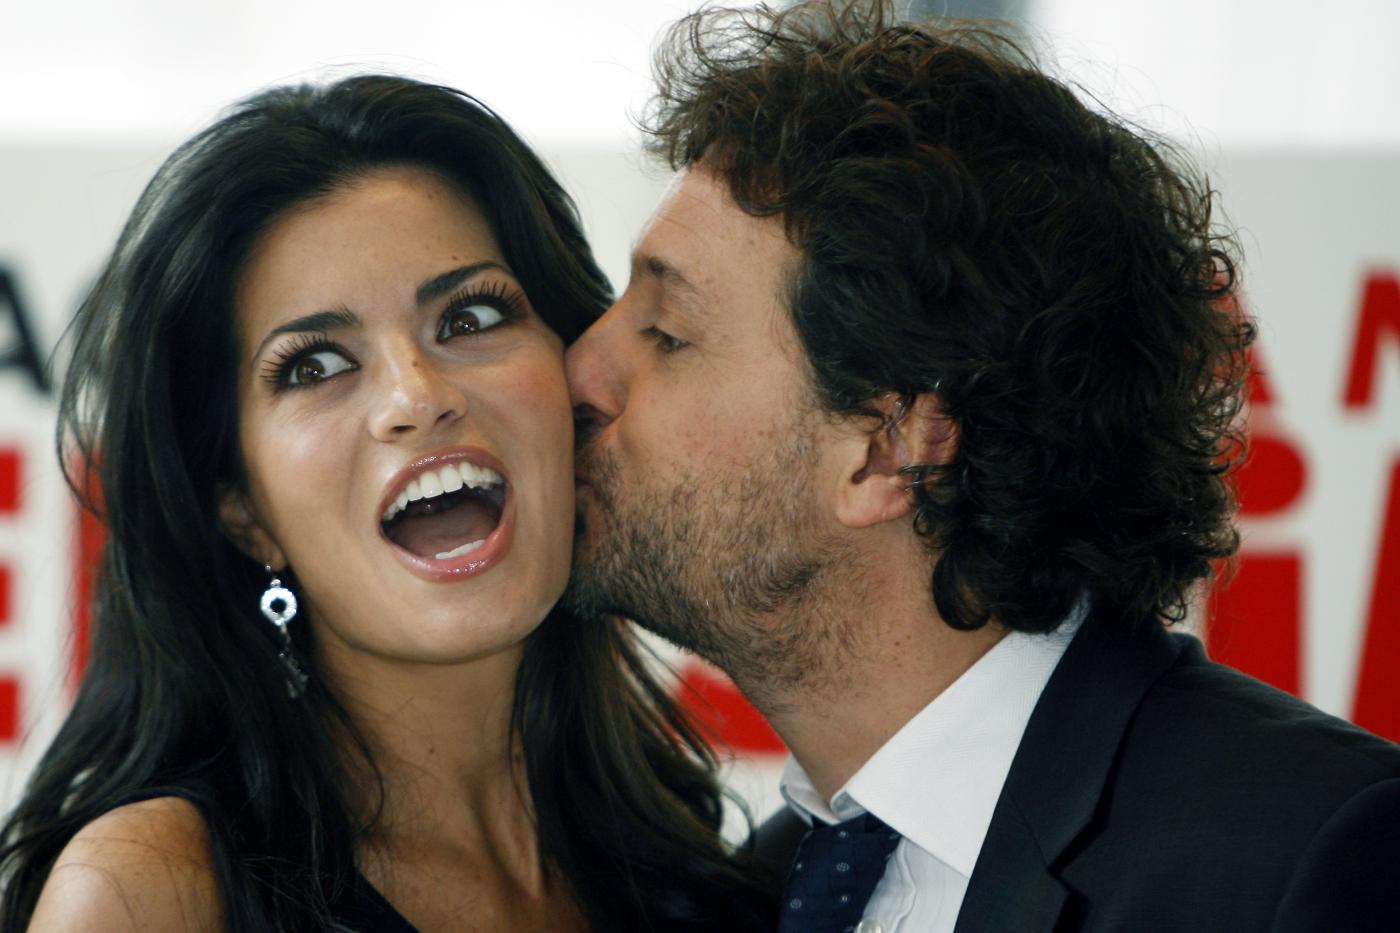 Laura Torrisi e Leonardo Pieraccioni si sono lasciati: la conferma su Twitter